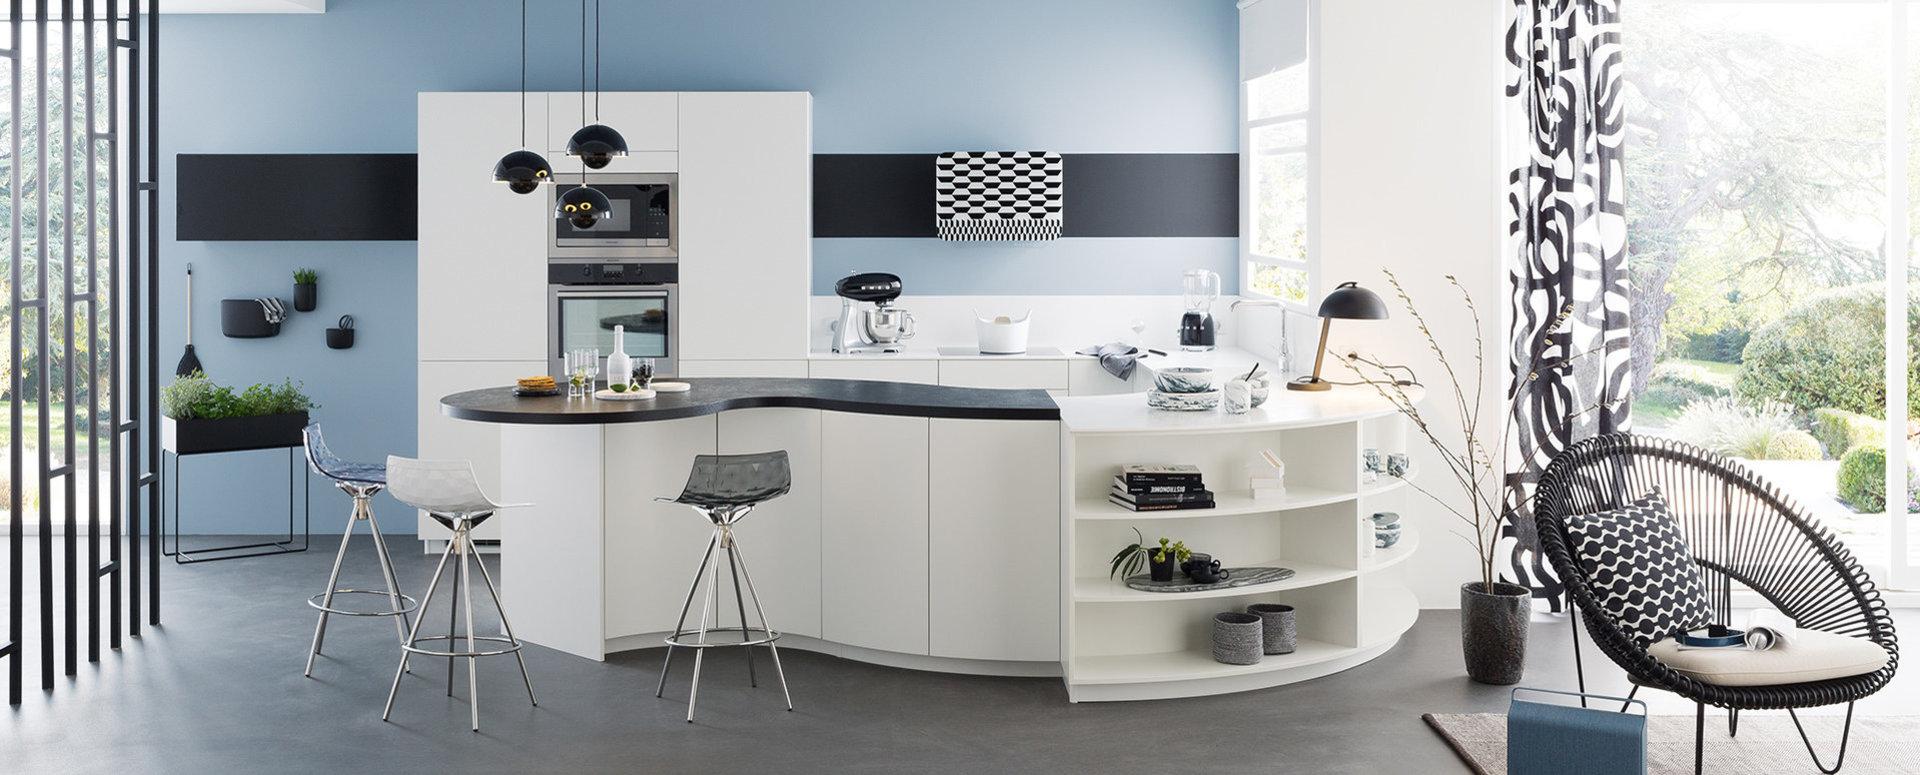 Bilde bueformet hvitt og svart kjøkken